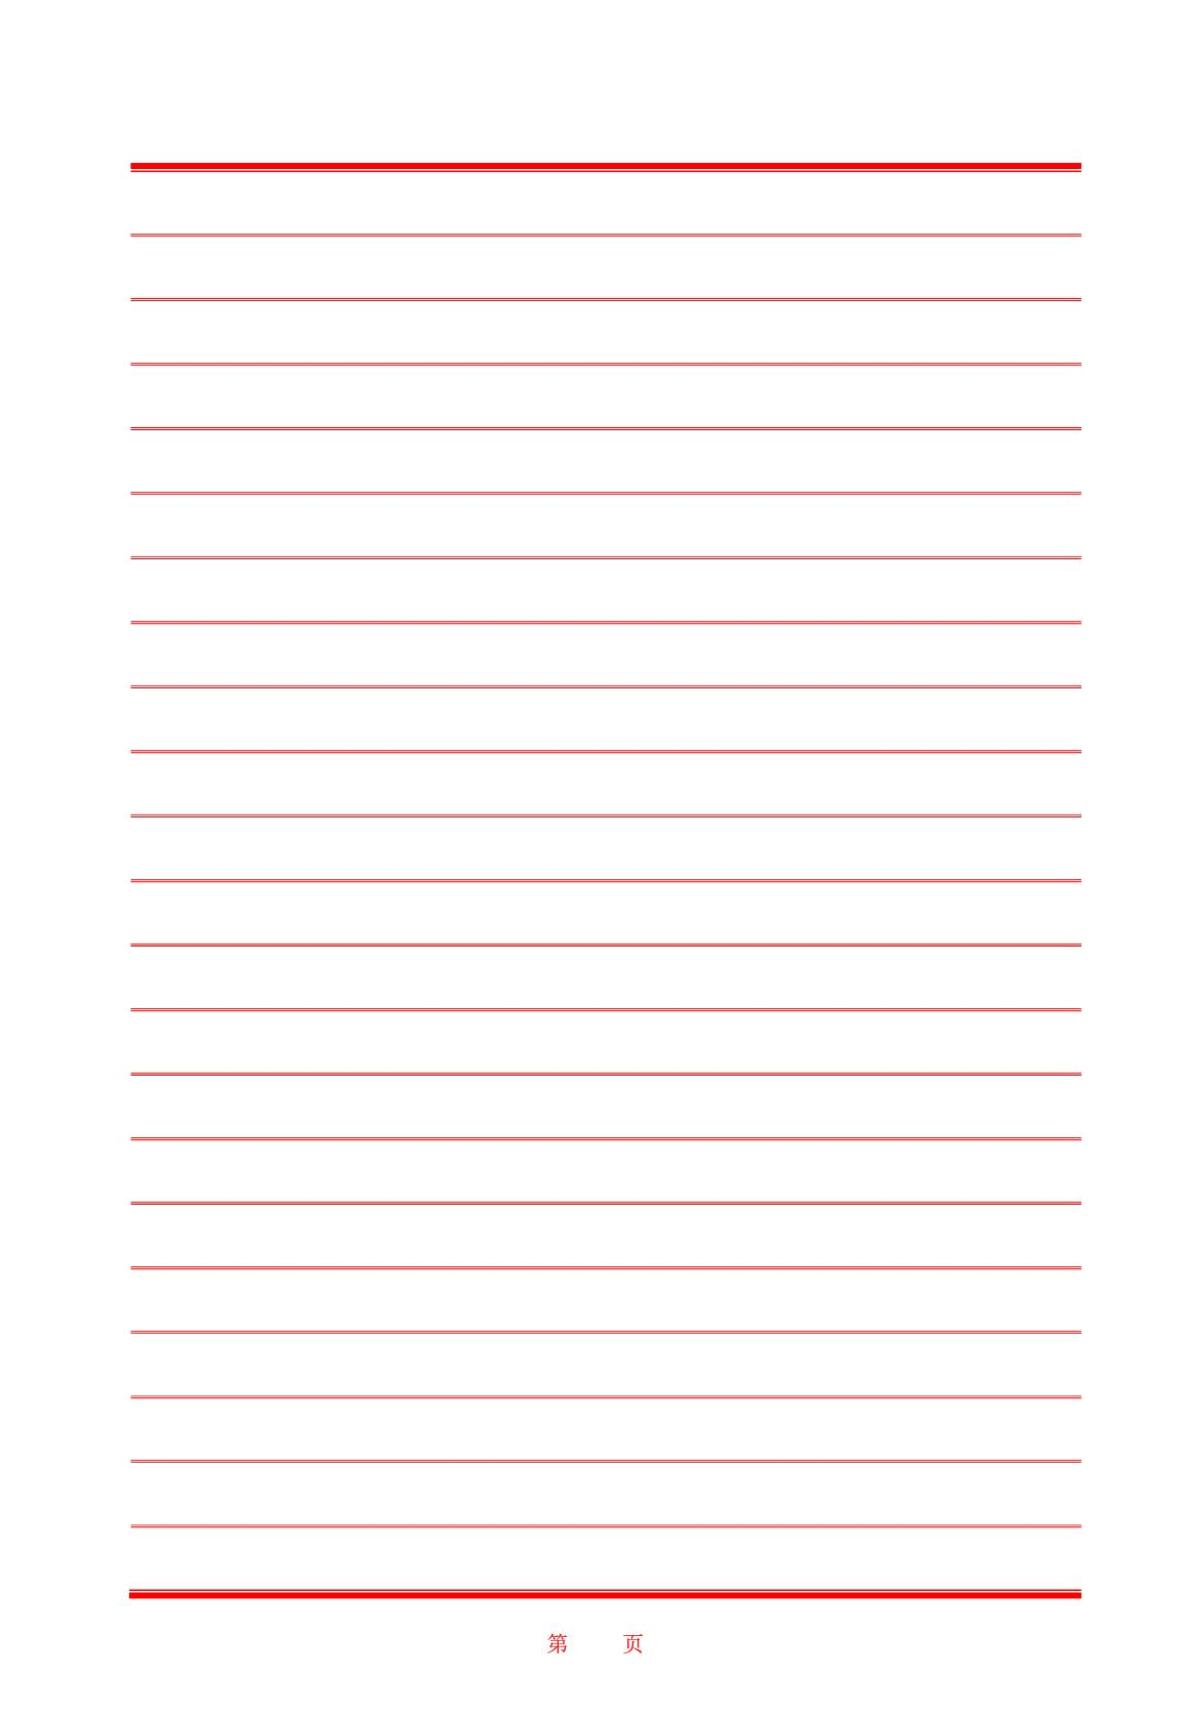 大学英语3作文范文_Word信纸(A4横条直接打印版)_word文档在线阅读与下载_免费文档